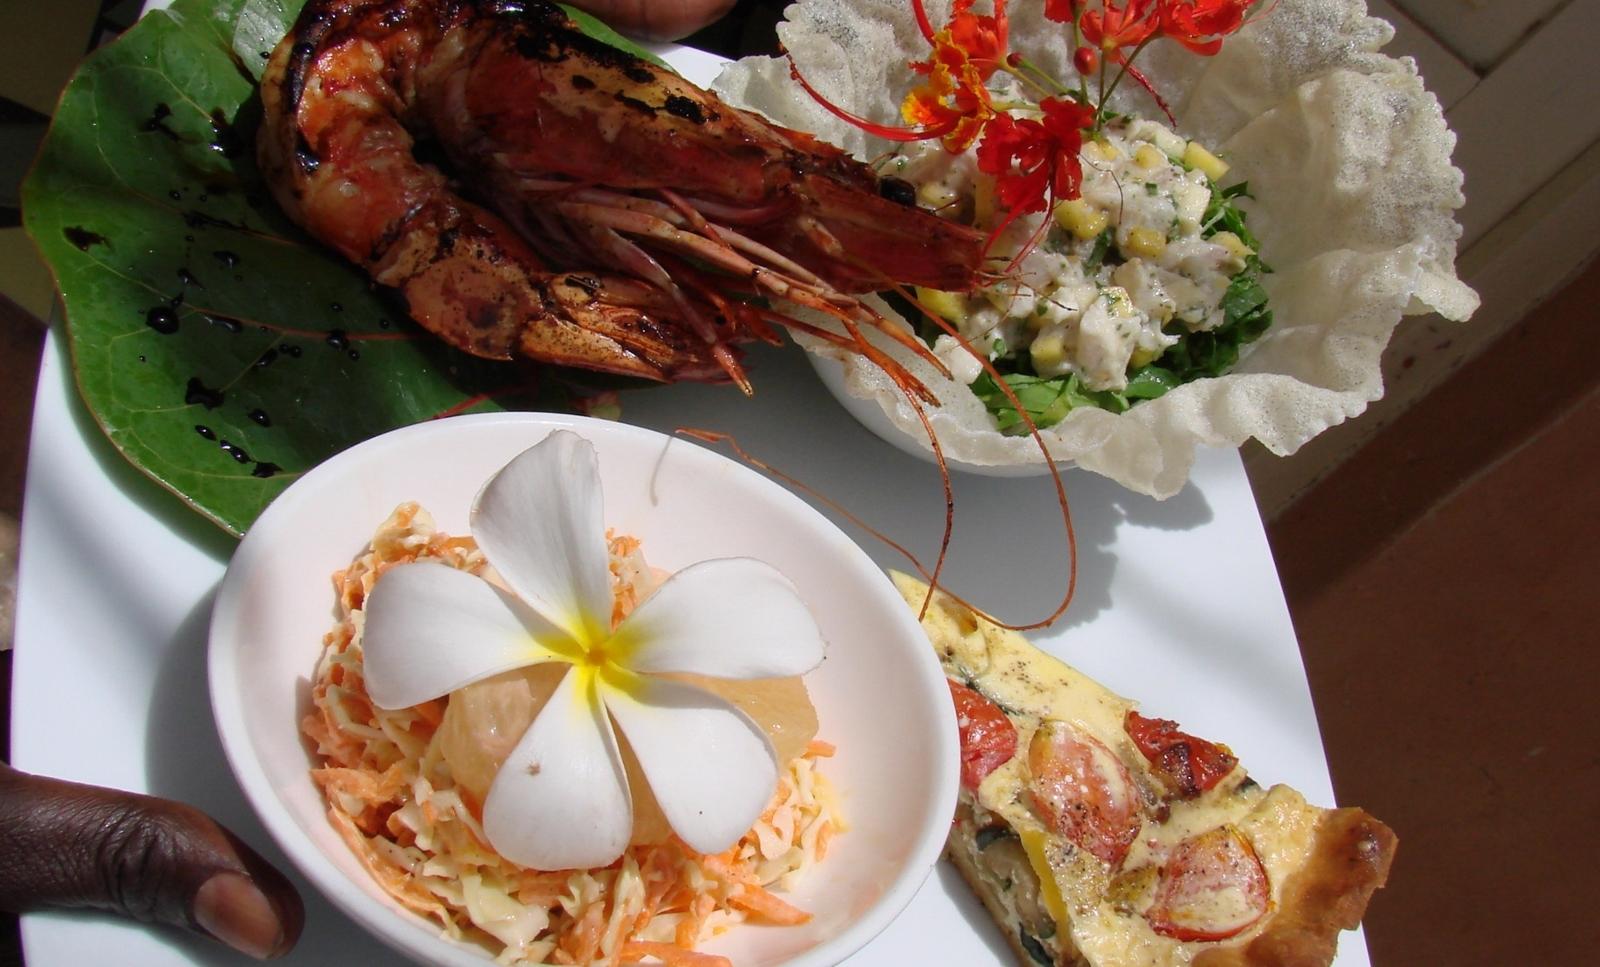 Niassam_lodge_restaurant (3)repas produits_locaux